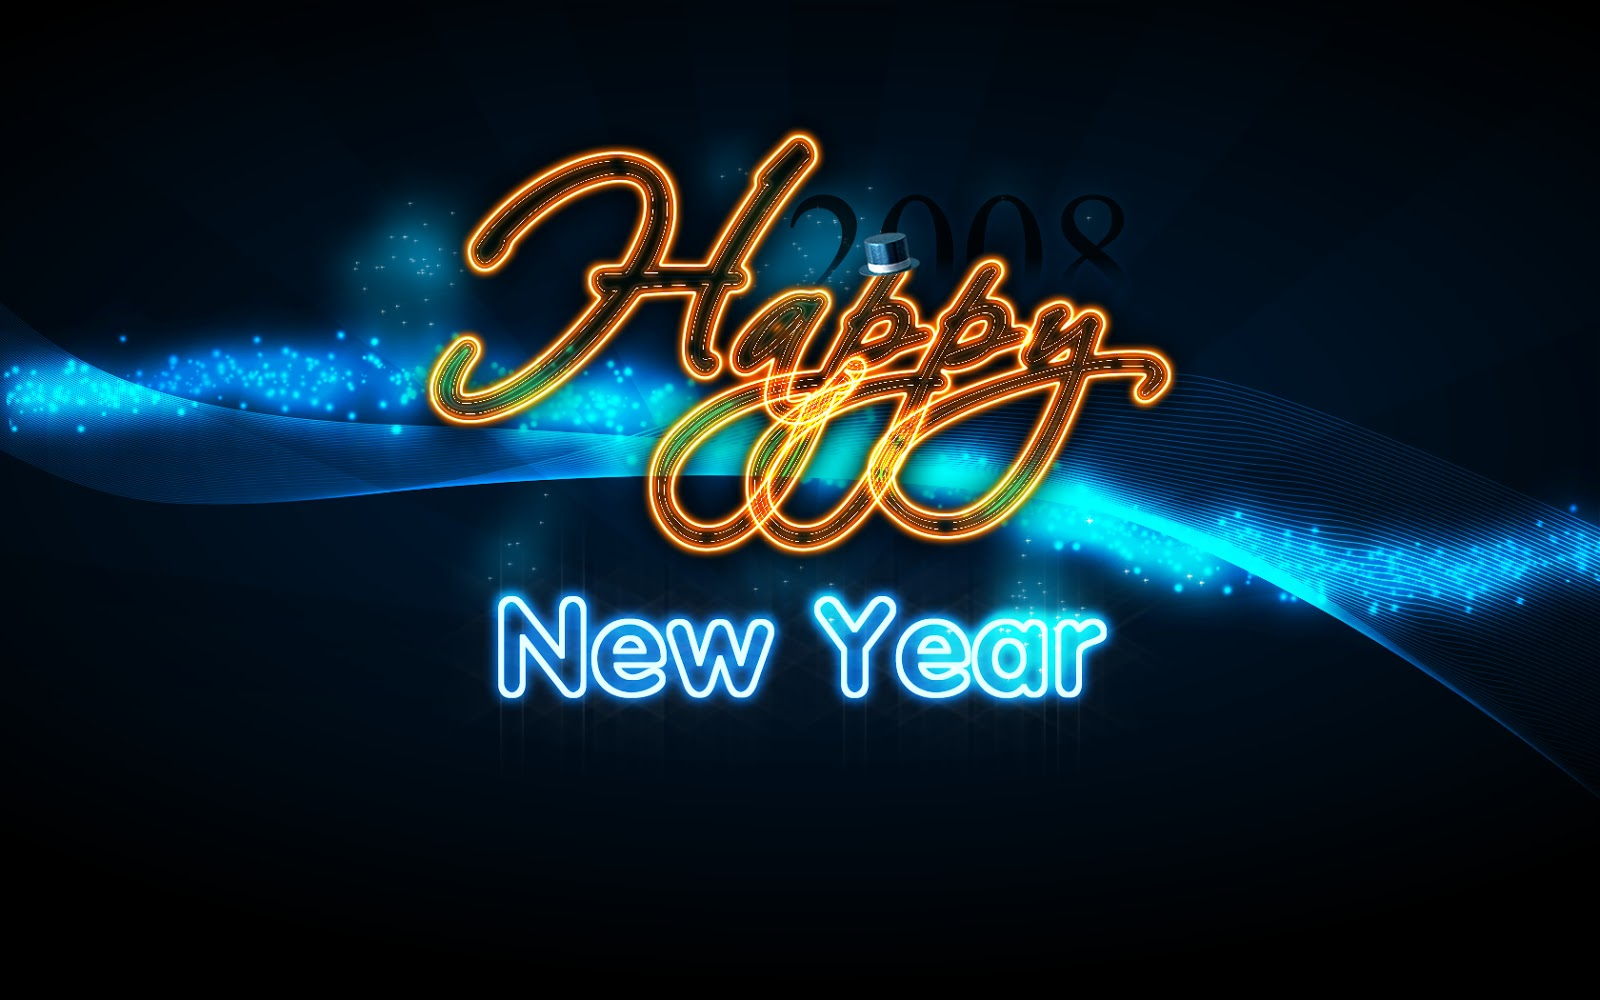 خلفيات العام الجديد 2016  ~ تجميعي ~ new-year.jpg